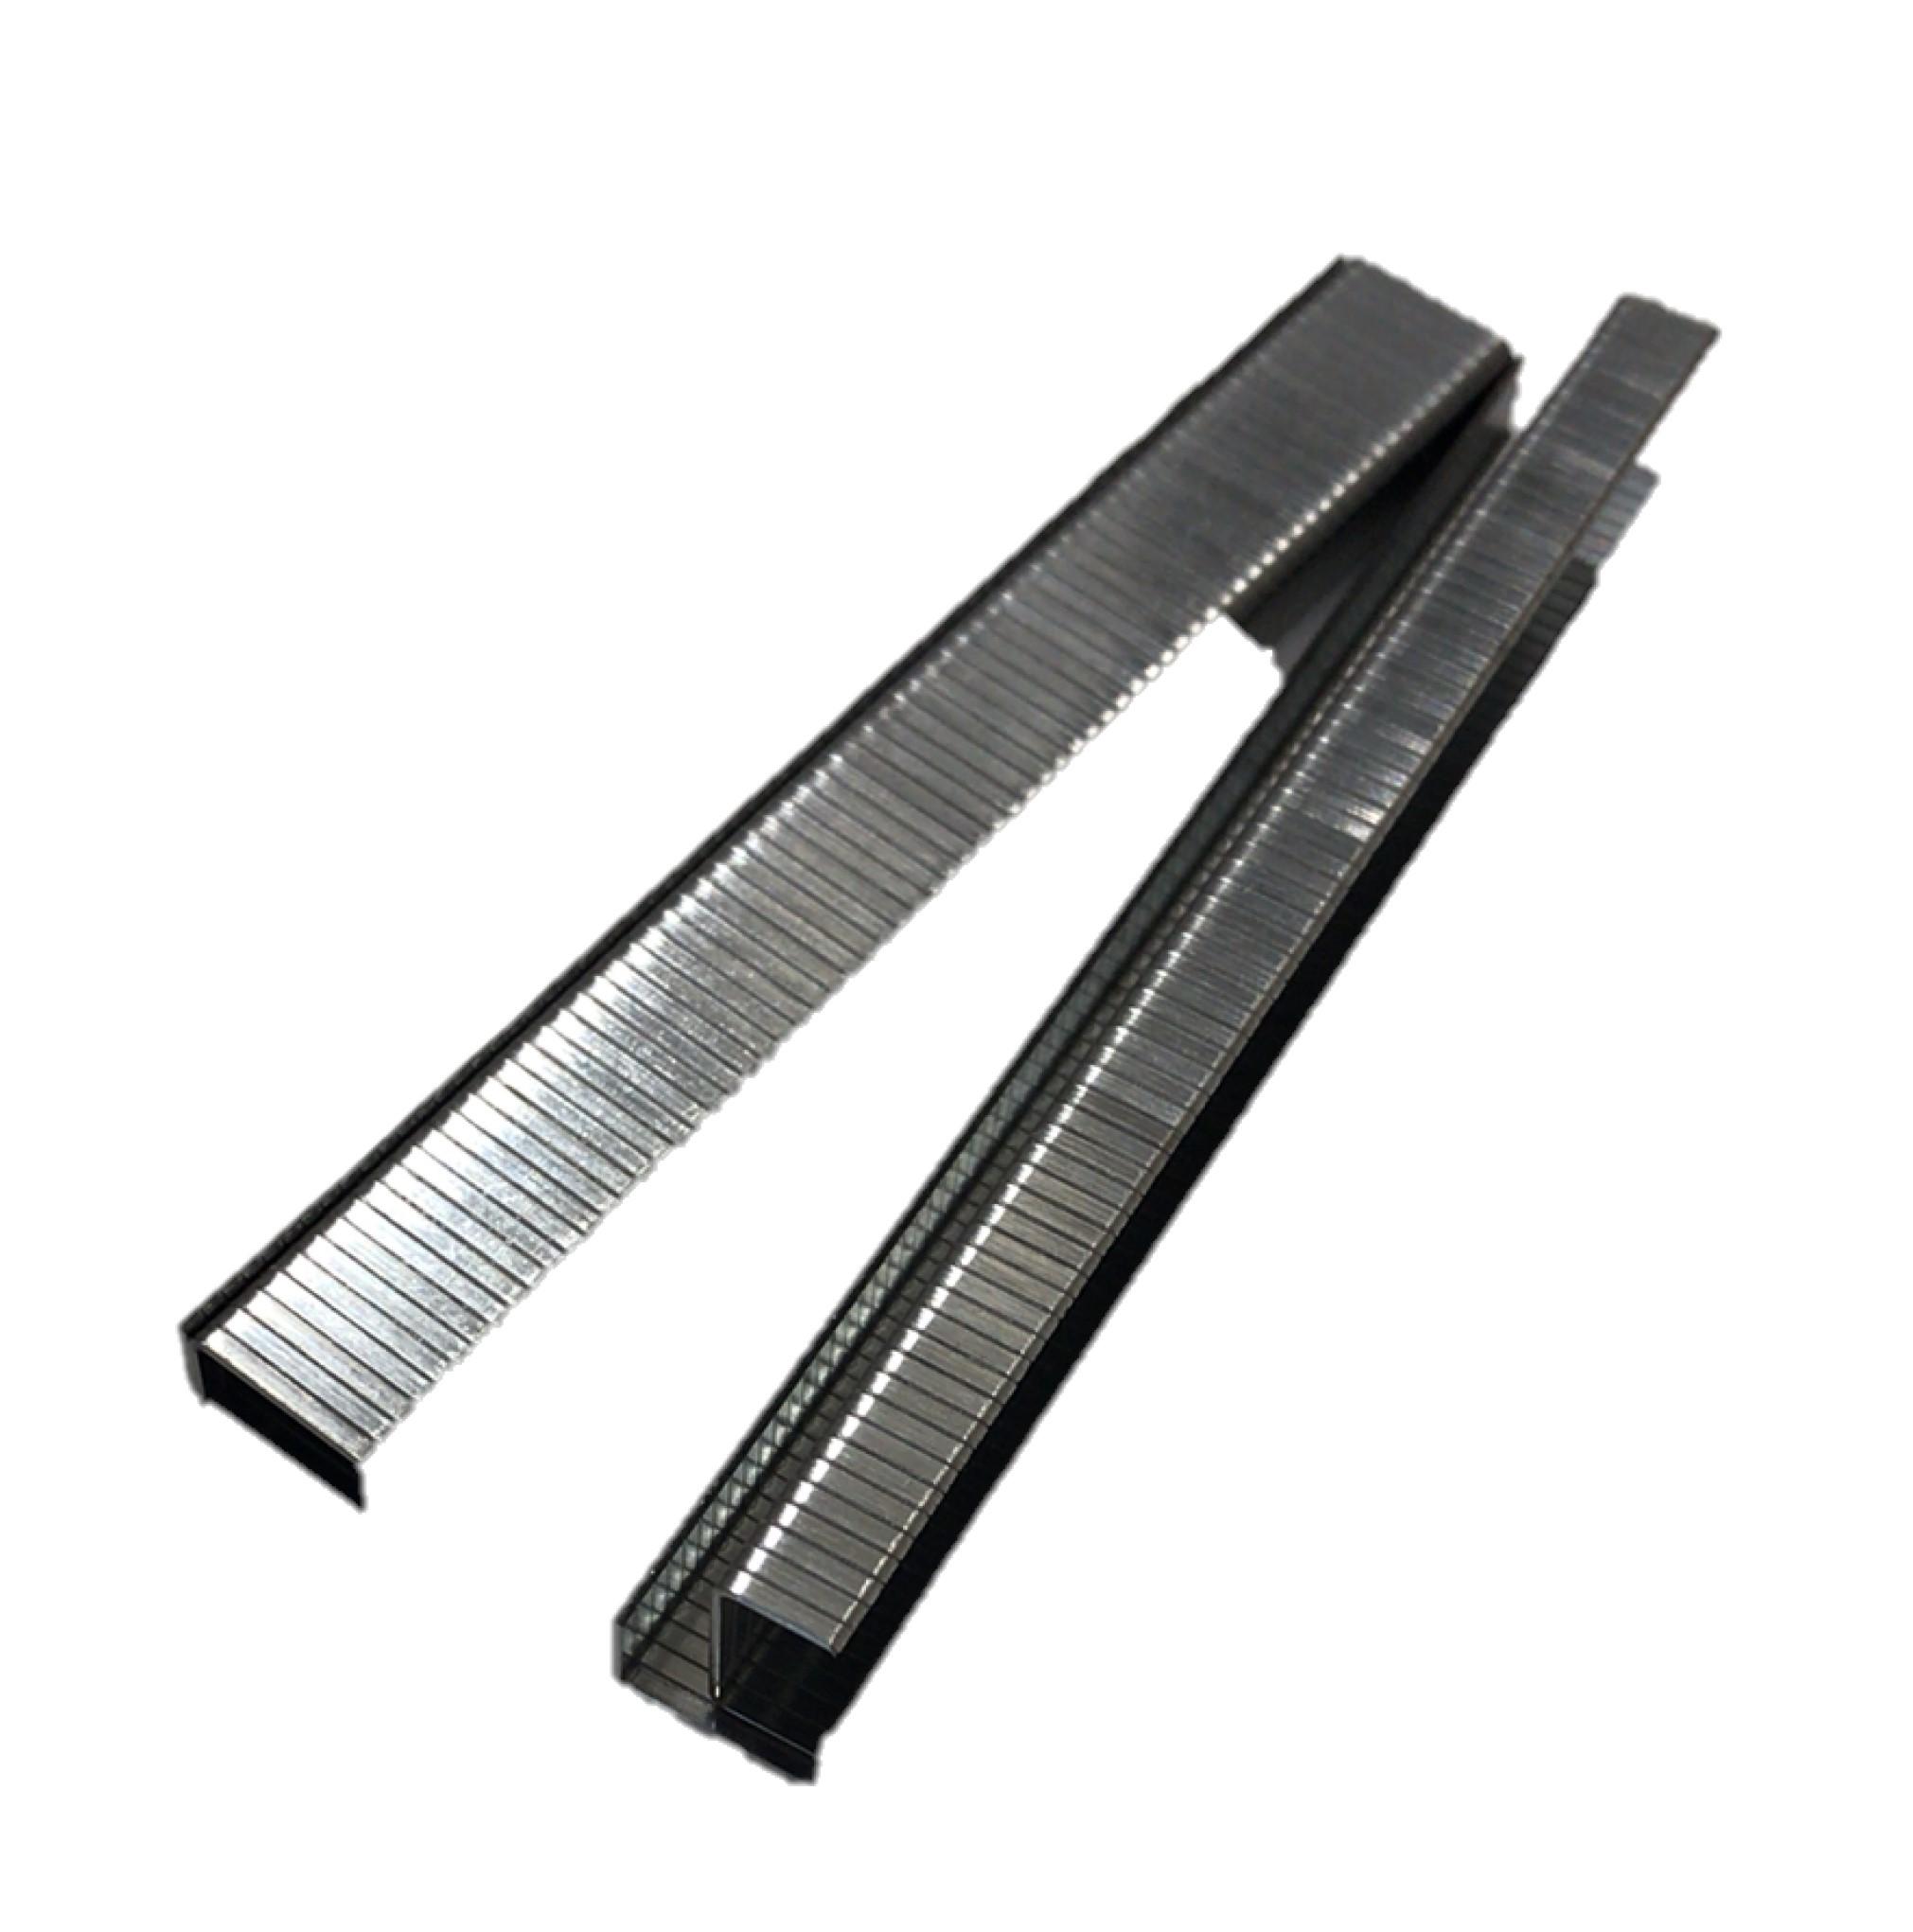 48951 1000 Provided Draper 10mm Stapler//Stapling Gun Steel Staples